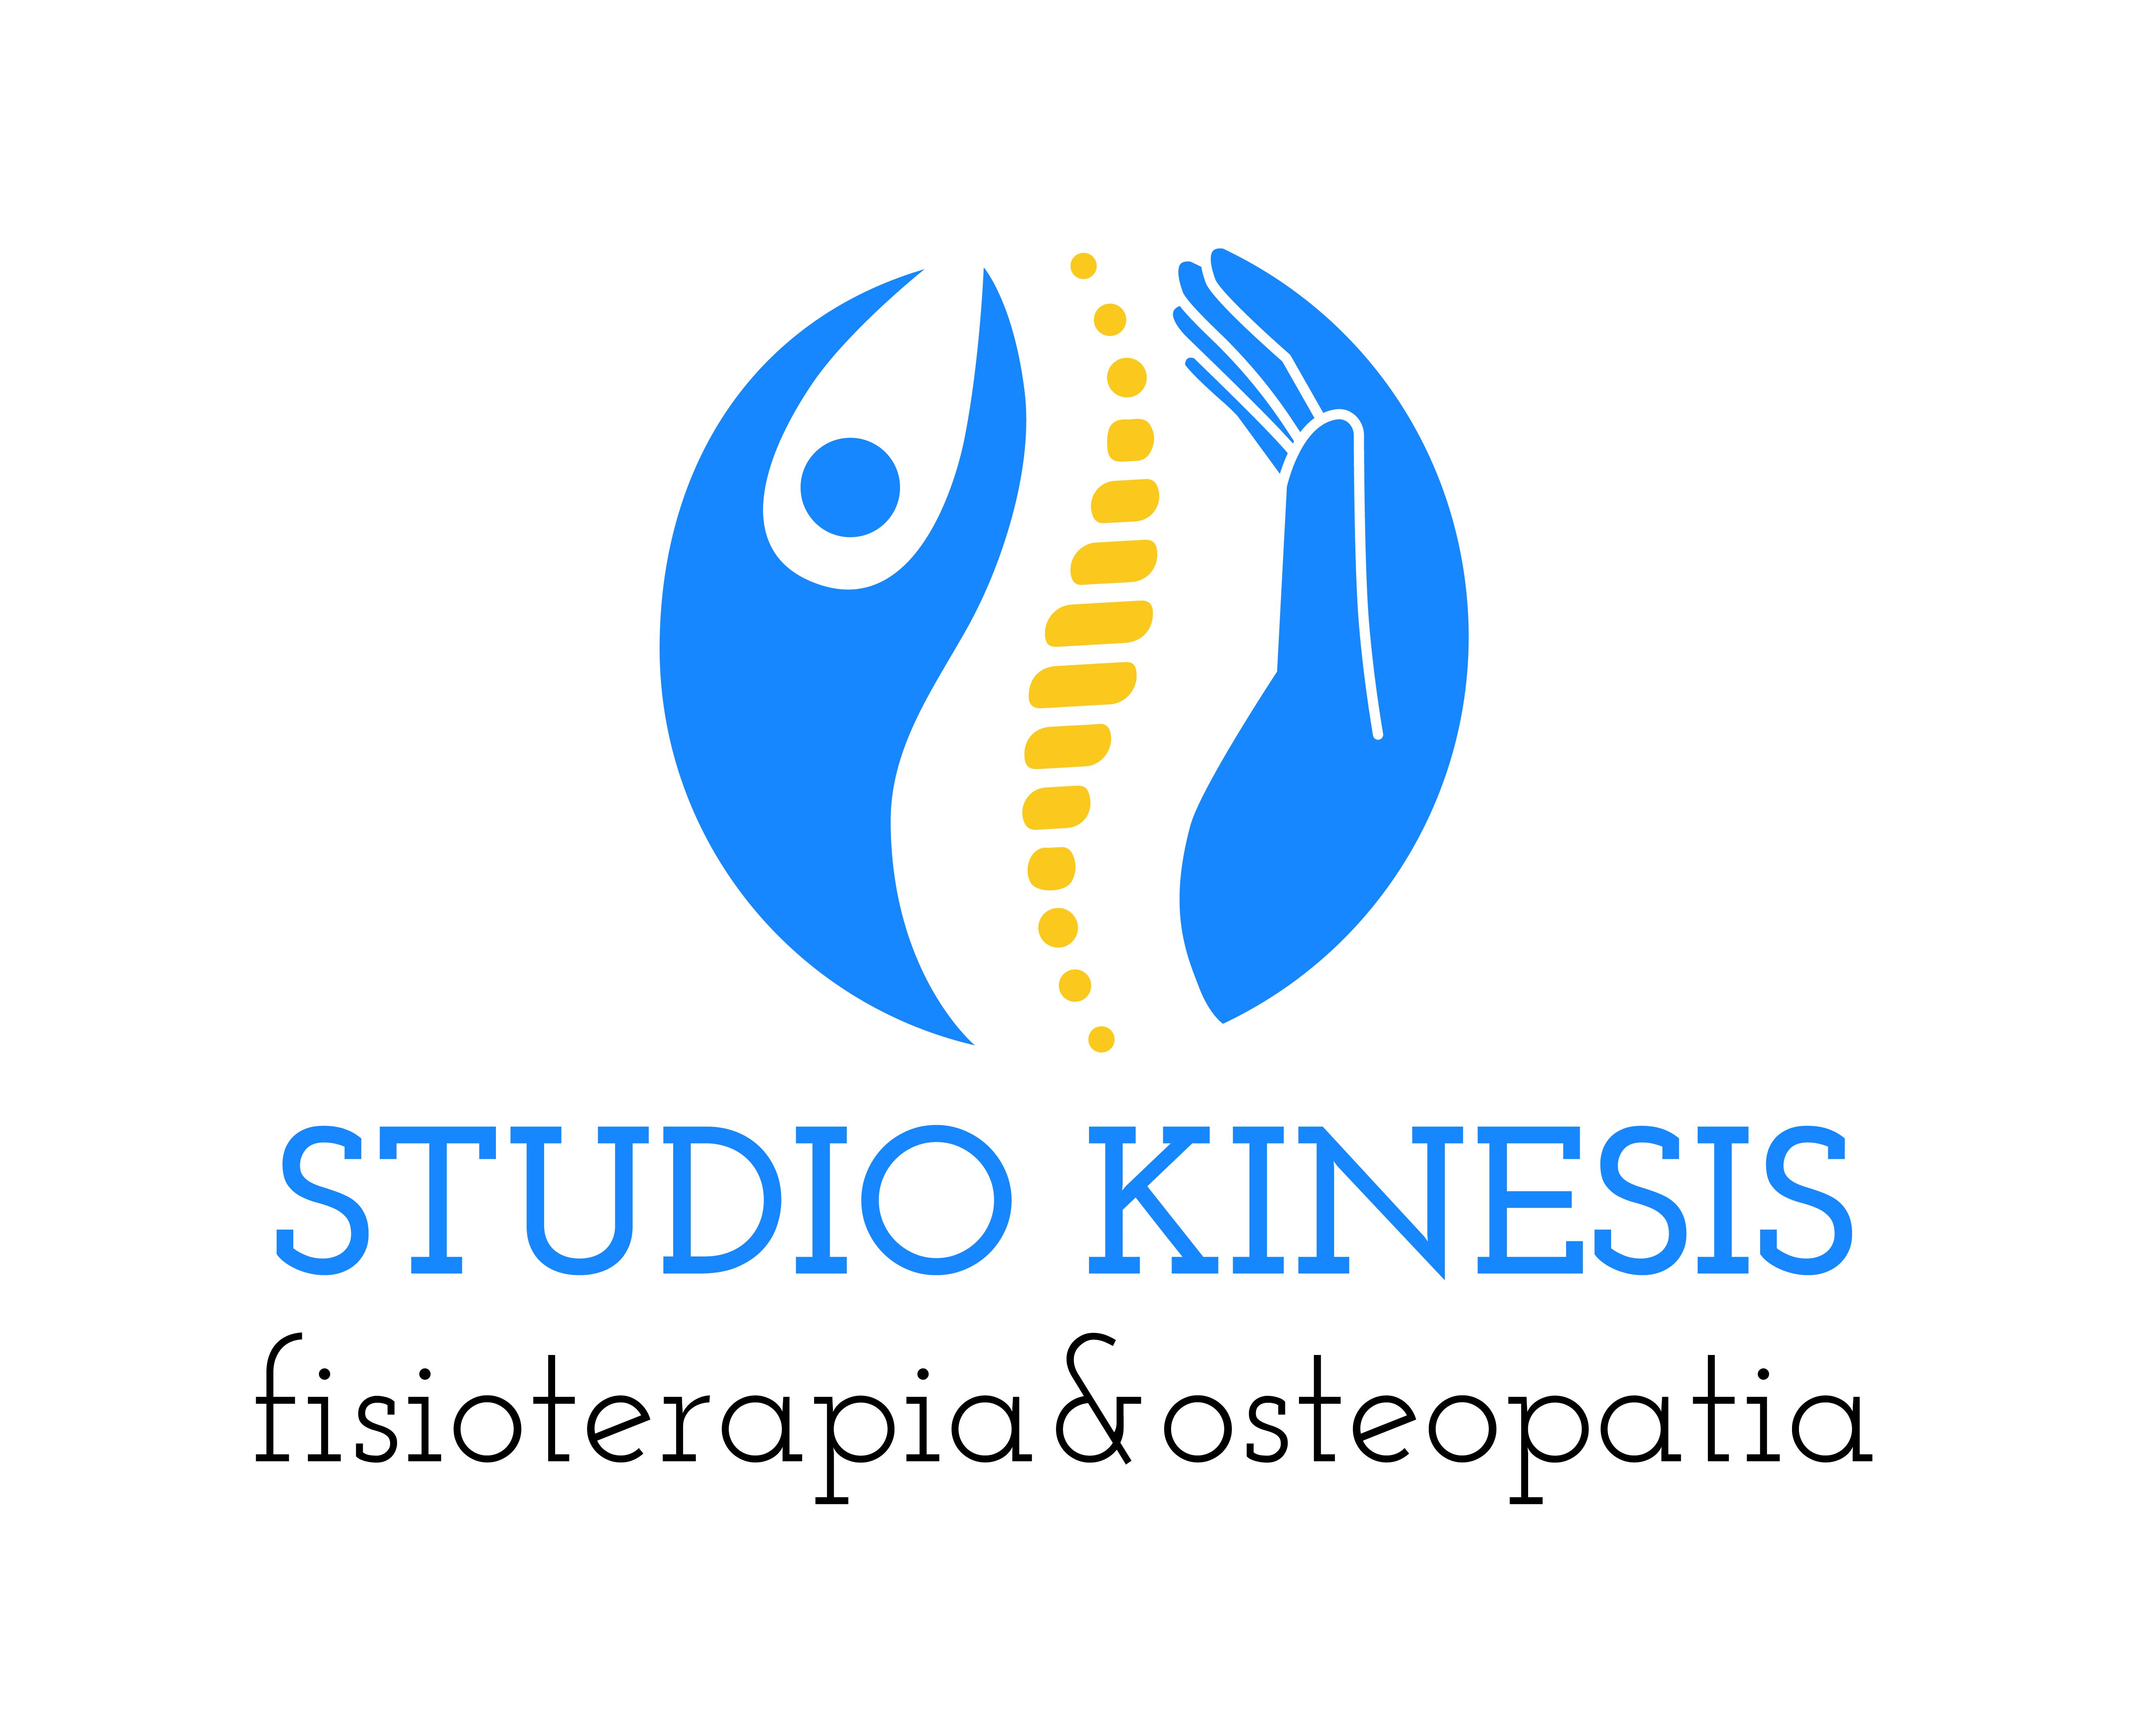 Studio Kinesis Fisioterapia e Osteopatia